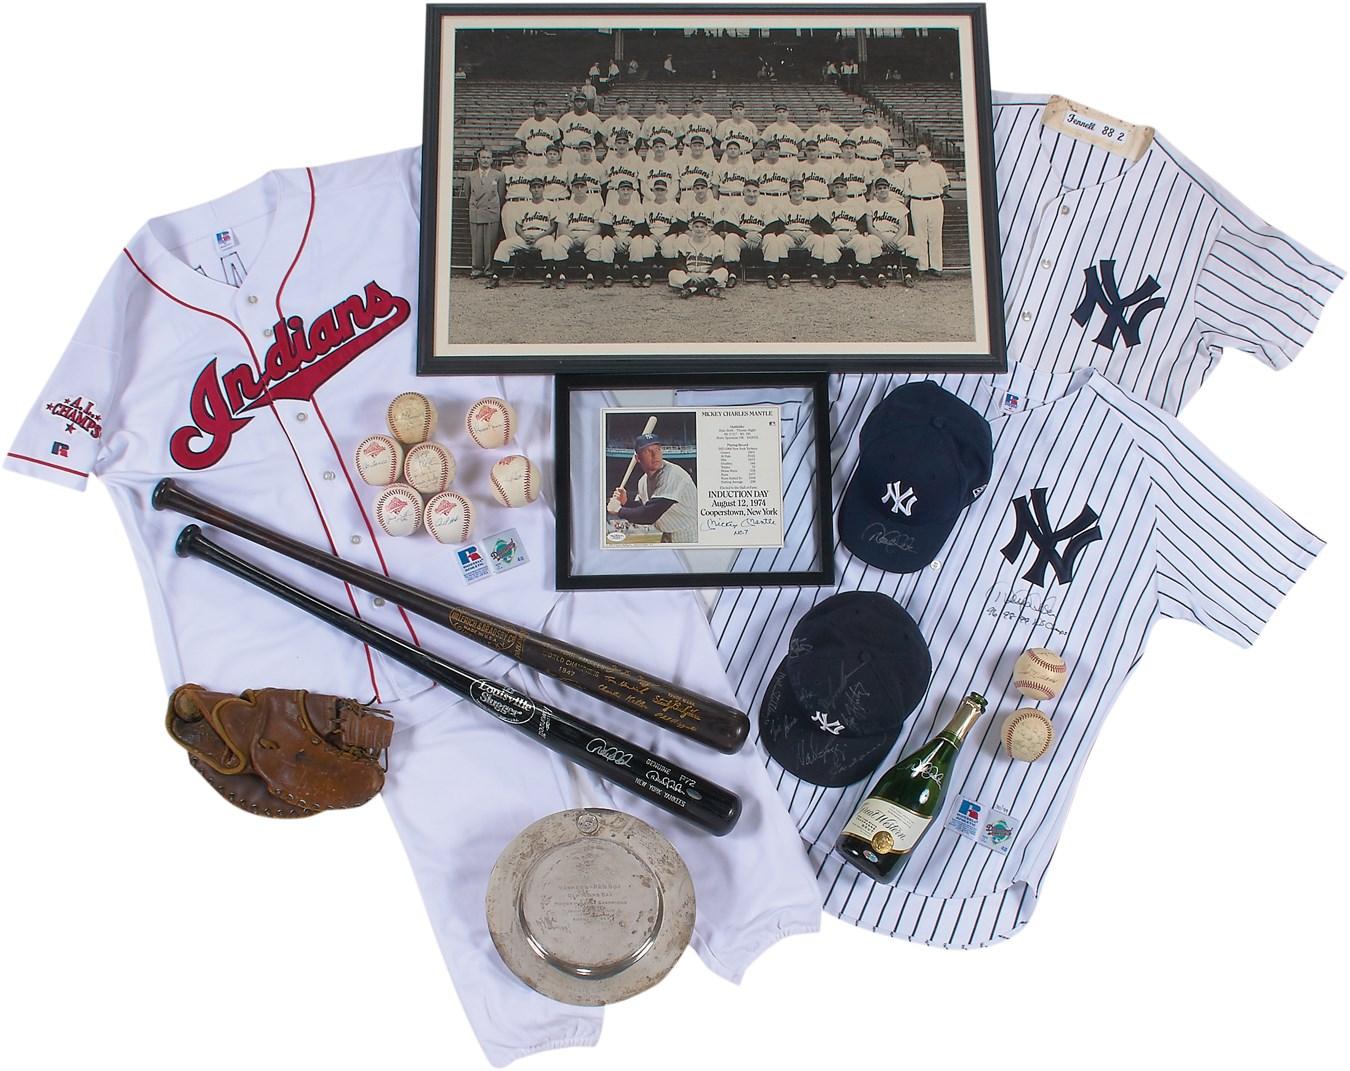 Baseball Equipment - Steel17